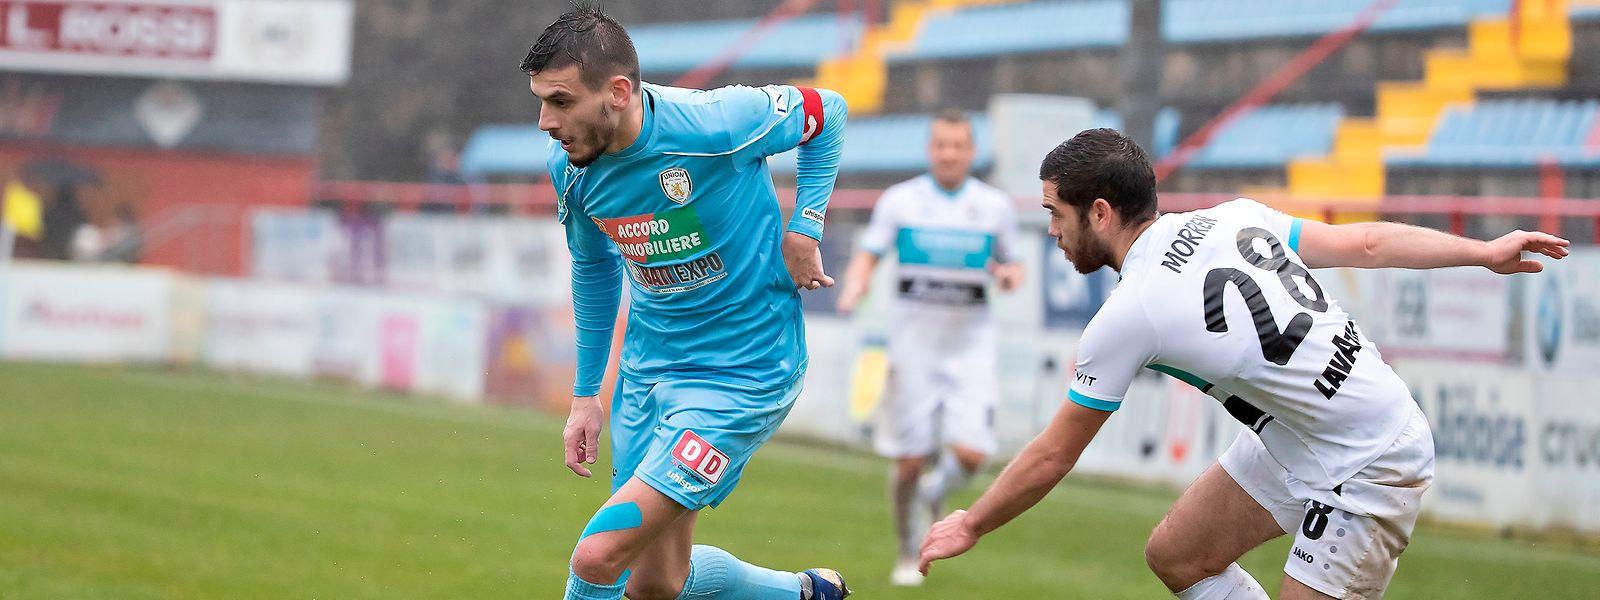 Artur Abreu (en bleu) et l'Union Titus Pétange jouent gros dimanche contre le Fola